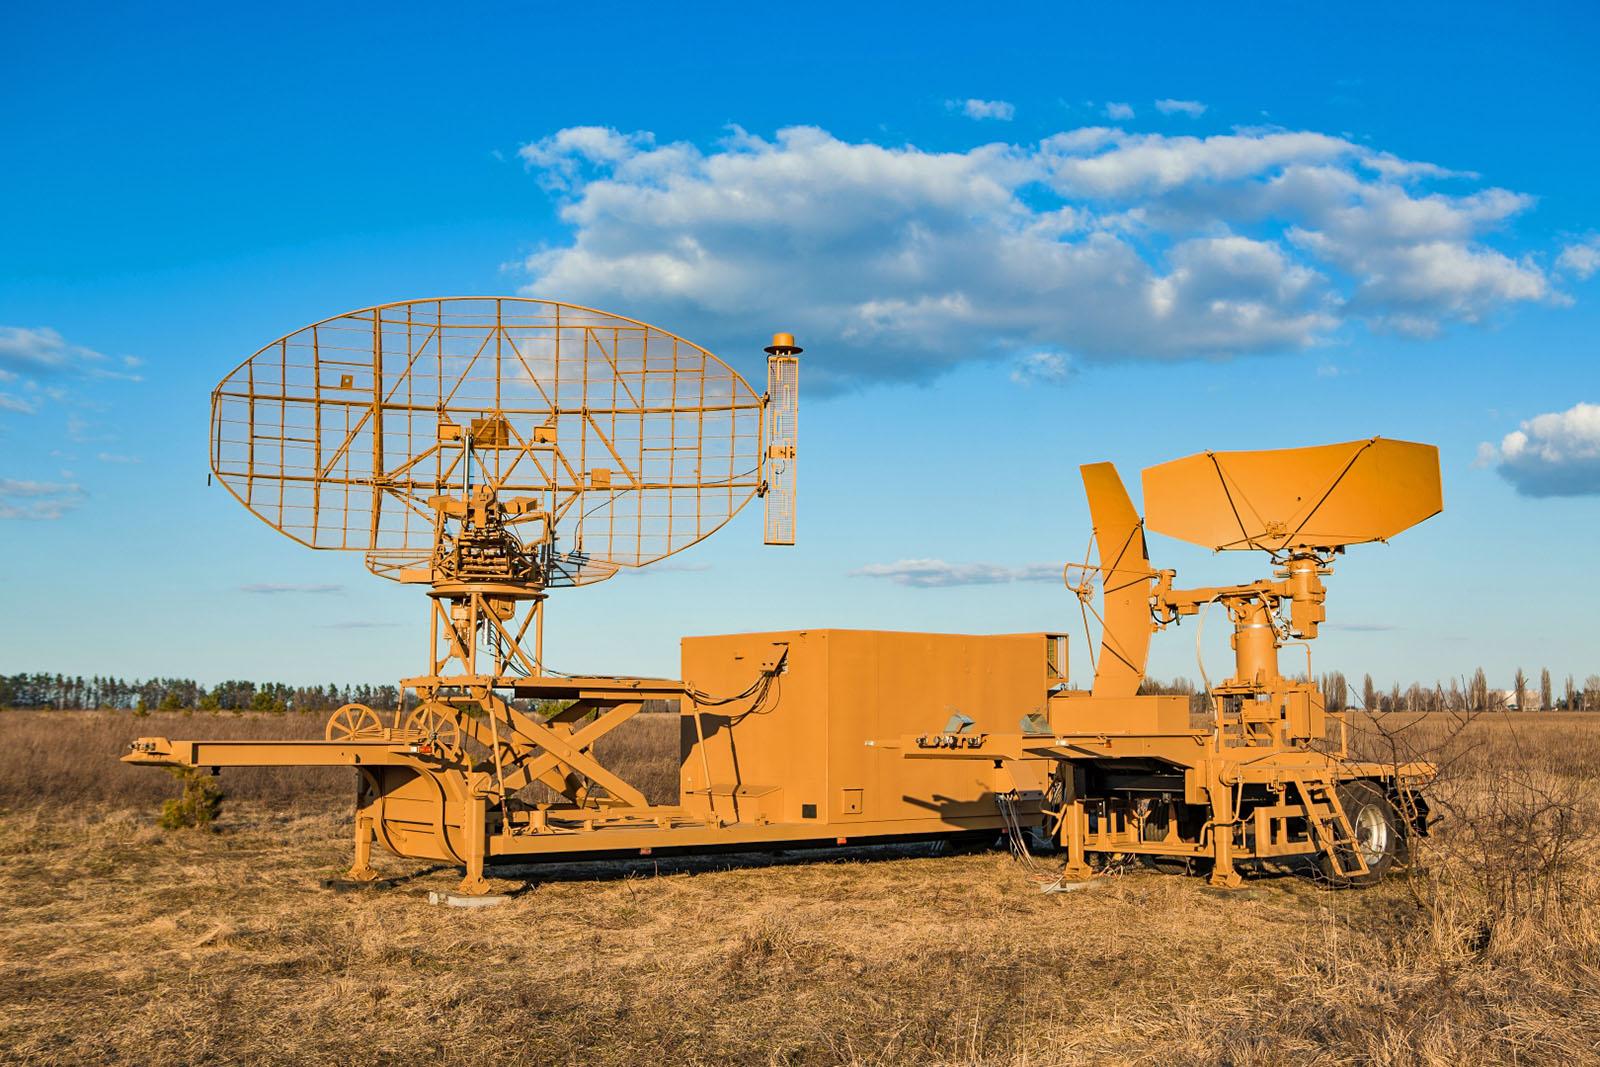 На Луцком аэродроме развернули модернизированную систему посадки украинского производства